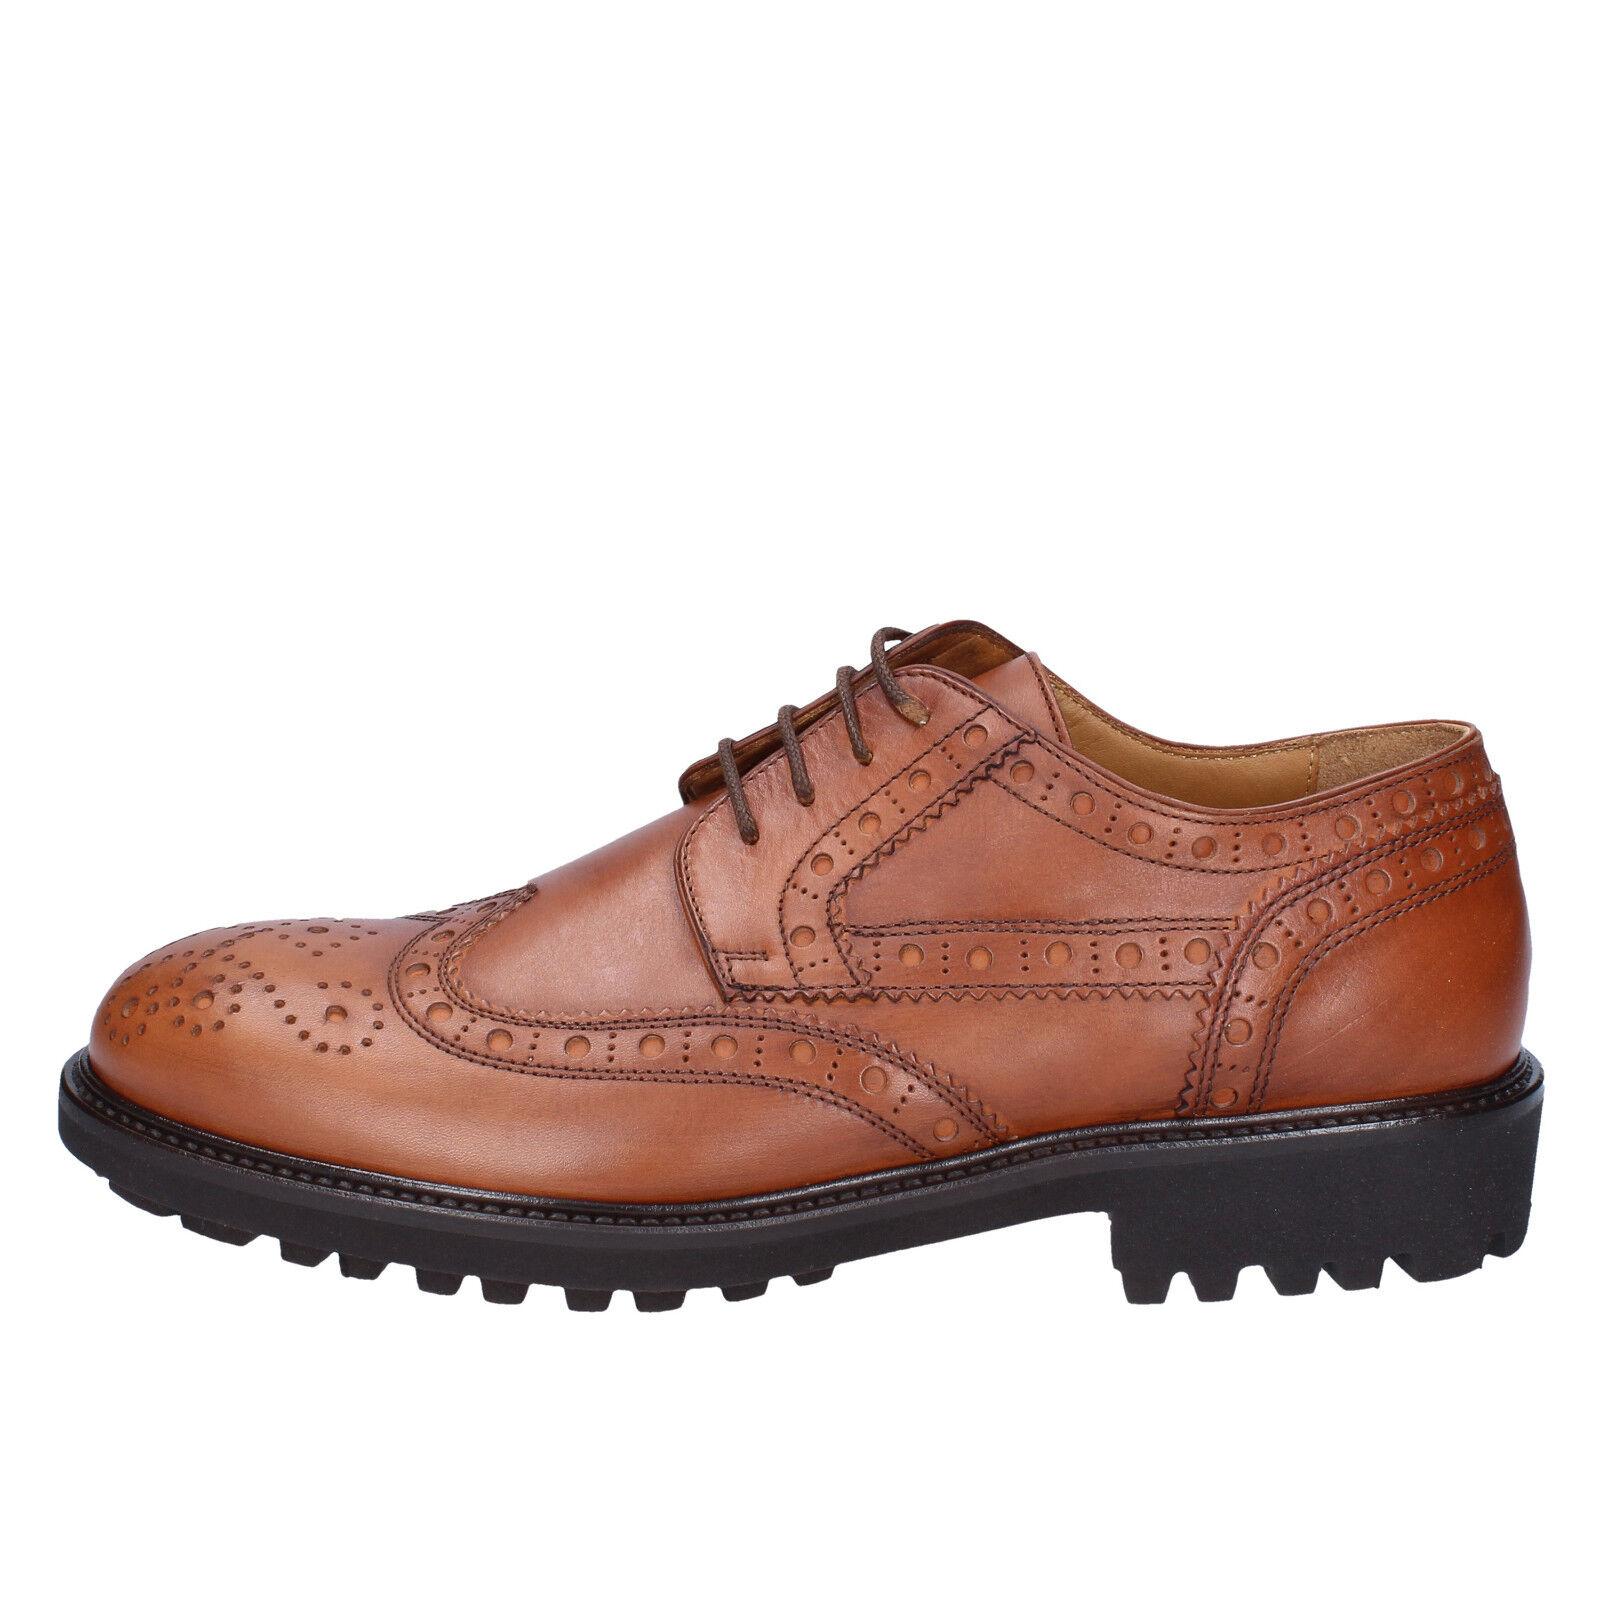 scarpe uomo K852 & SON BX608-42 42 classiche marrone pelle BX608-42 SON c98a63